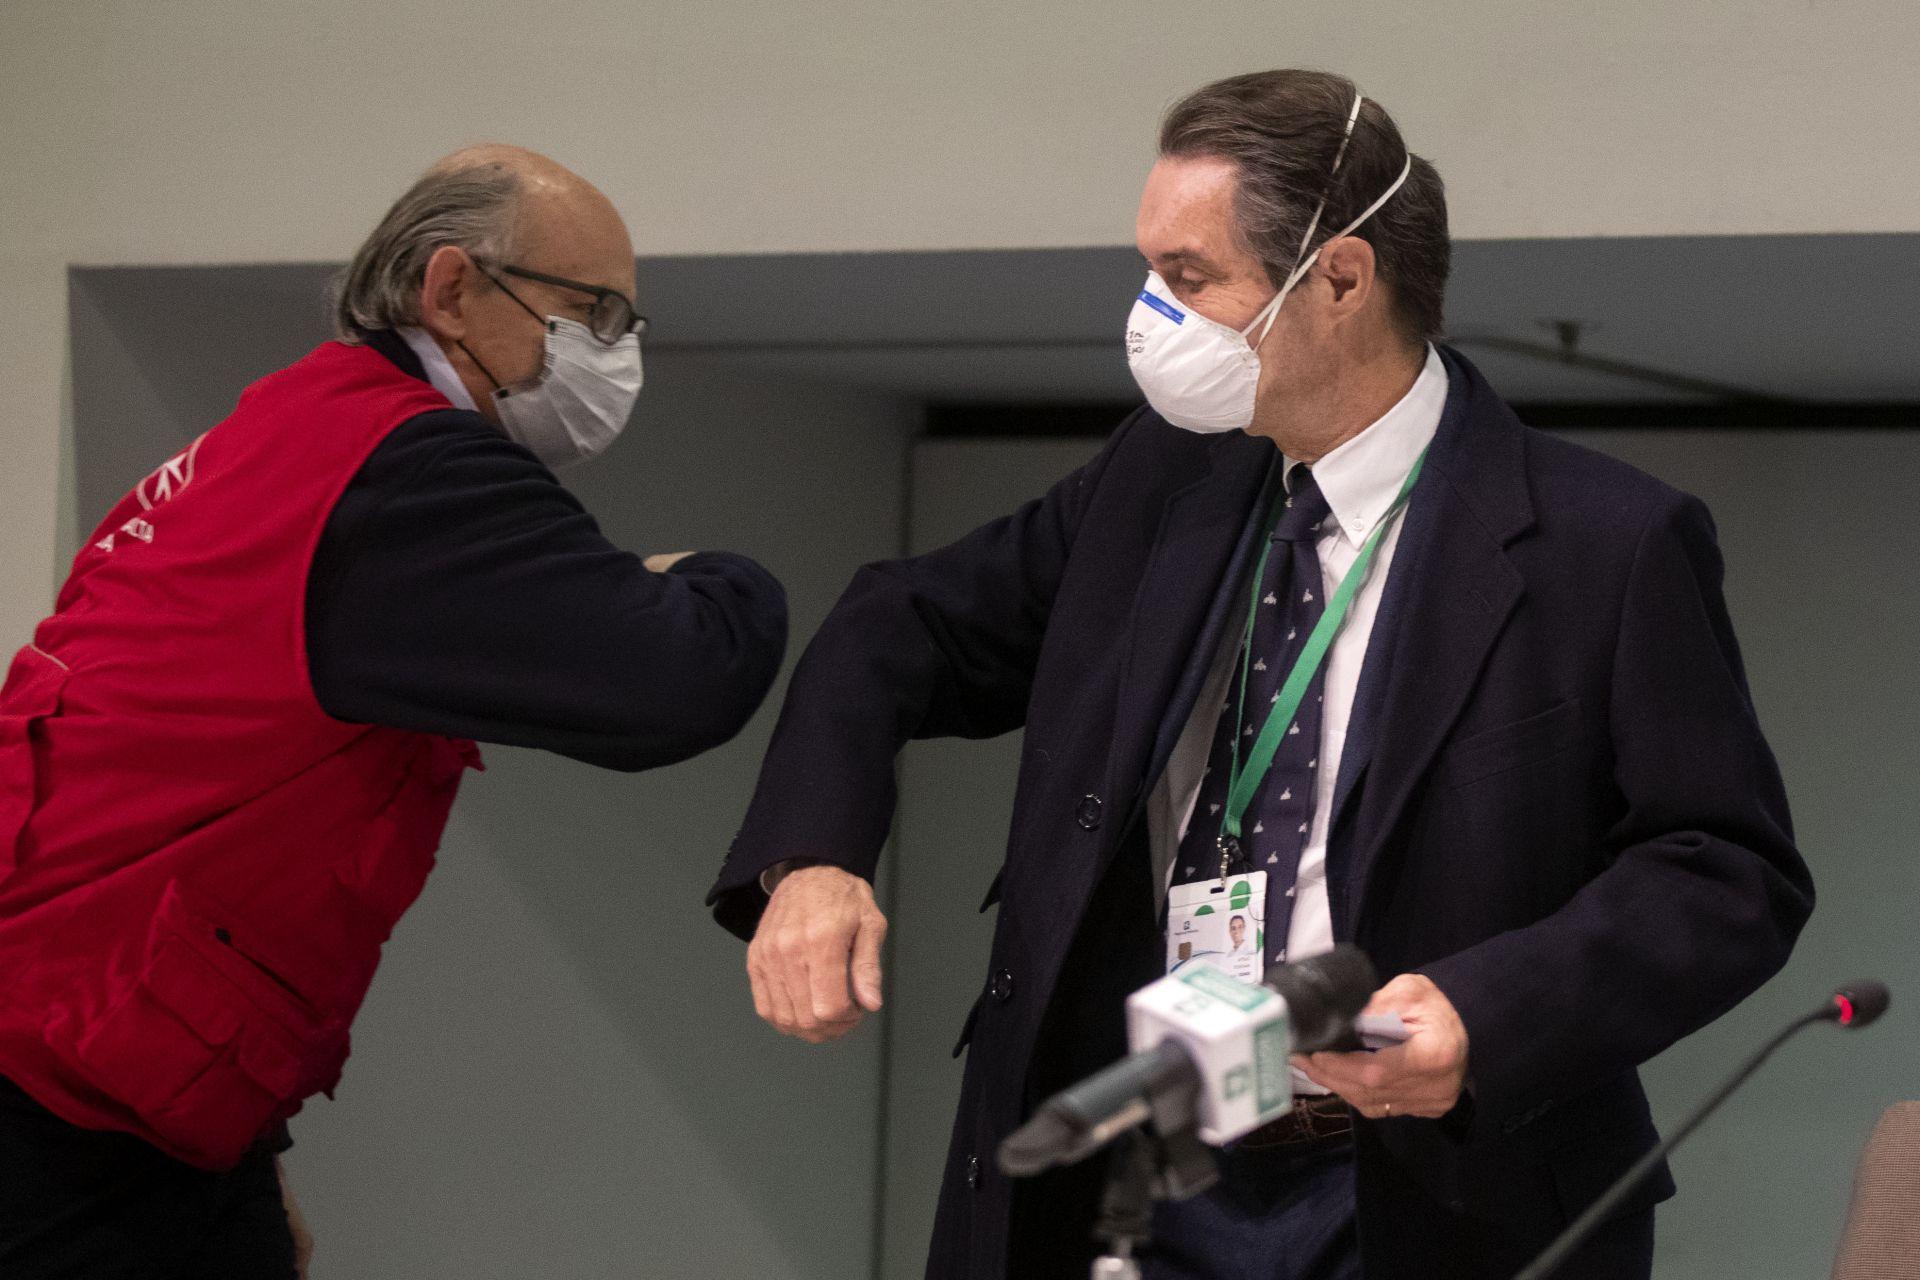 Президентът на региона на Ломбардия Атилио Фонтана, вдясно, поздравява Херардо Соларо Дел Боско, президент на Италианския корпус за помощ от Ордена на Малта, с докосване на лакътя, за да предотврати разпространението на Covid-19